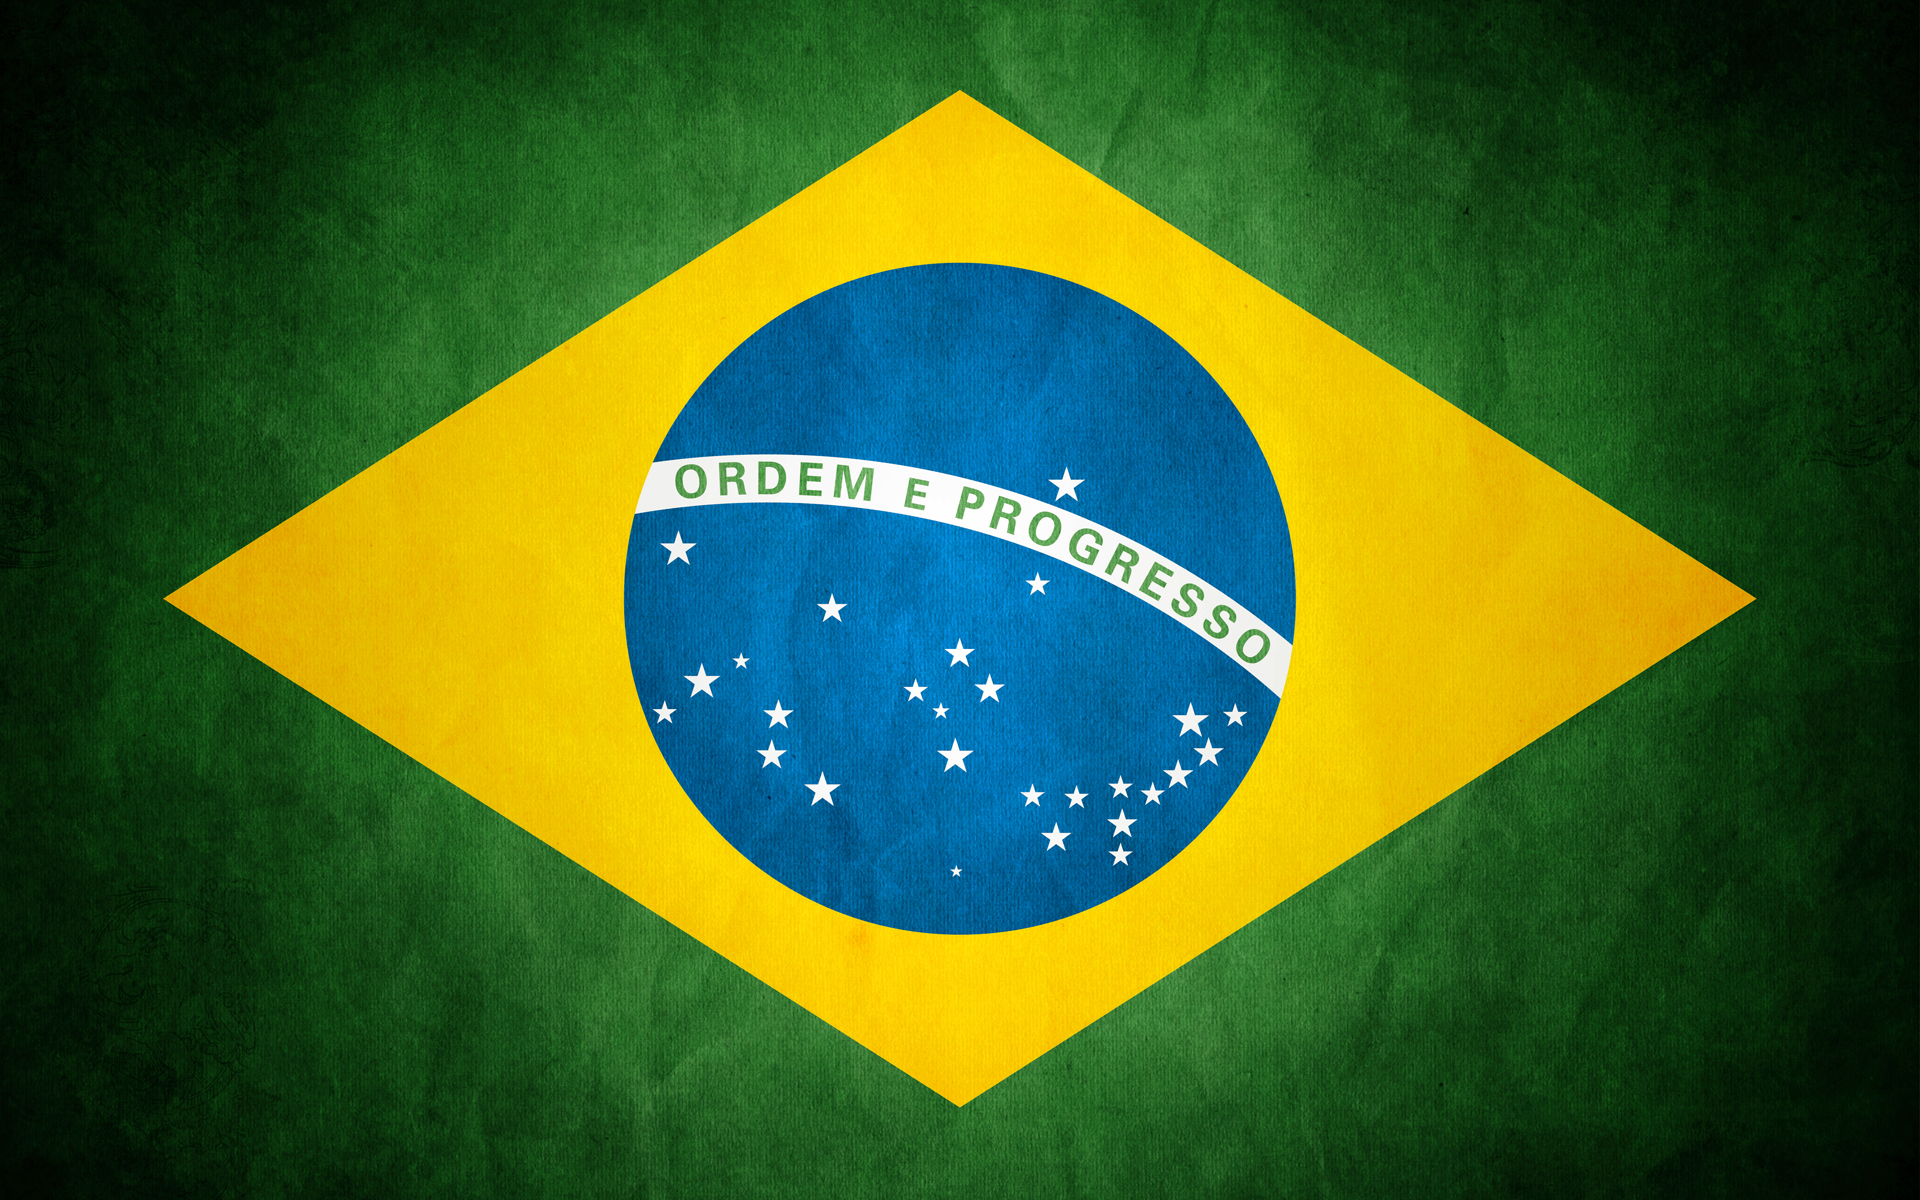 Brazil Brasil Group Mod DB